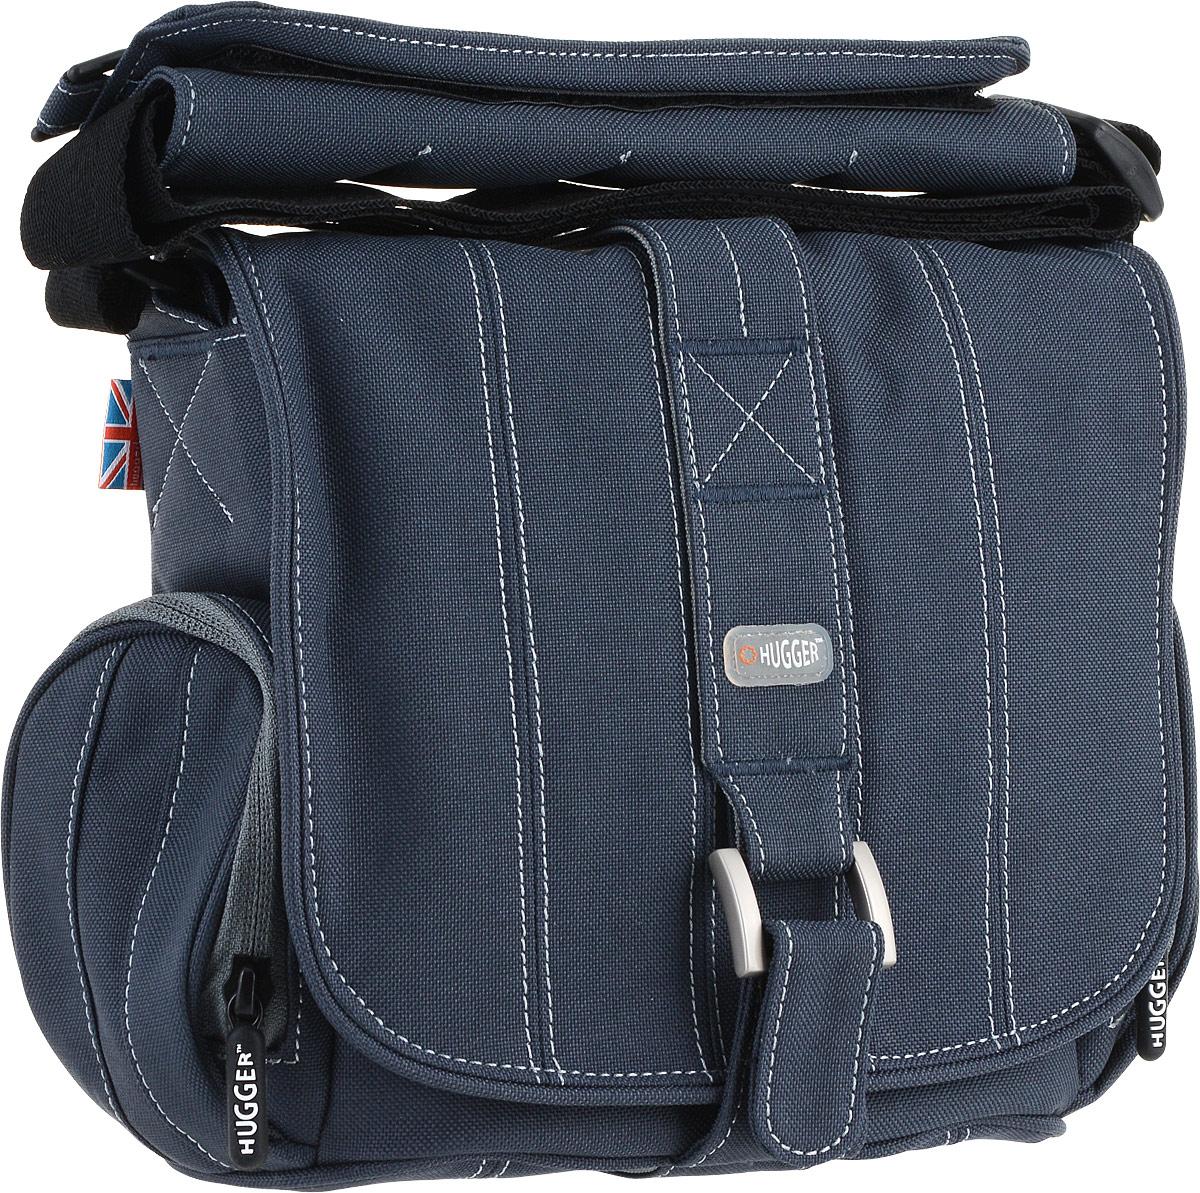 Hugger Pin-Stripe Suit, Sapphire сумка для фотокамеры2050Hugger Pin-Stripe Suit - стильная полосатая сумка, которая идеально сочетается с деловым костюмом. Передняя металлическая застежка в сочетании с лентой велкро позволяют легко застегивать верхний клапан. Мягкие внутренние перегородки могут быть удалены или перемещены для большего удобства. Передний отсек подходит для аксессуаров большого размера. Два сетчатых кармана по бокам сумки подходят для аксессуаров или личных вещей фотографа. Эта сумка подходит для зеркальной камеры с объективом и некоторым количеством аксессуаров, например, вспышкой. Съемная площадка на ремне с кольцом для мобильного телефона Толстые стенки для надежной защиты камеры от механических повреждений Высокий уровень защиты от влаги Легкий вес Противодождевой чехол и фирменный платок в комплекте